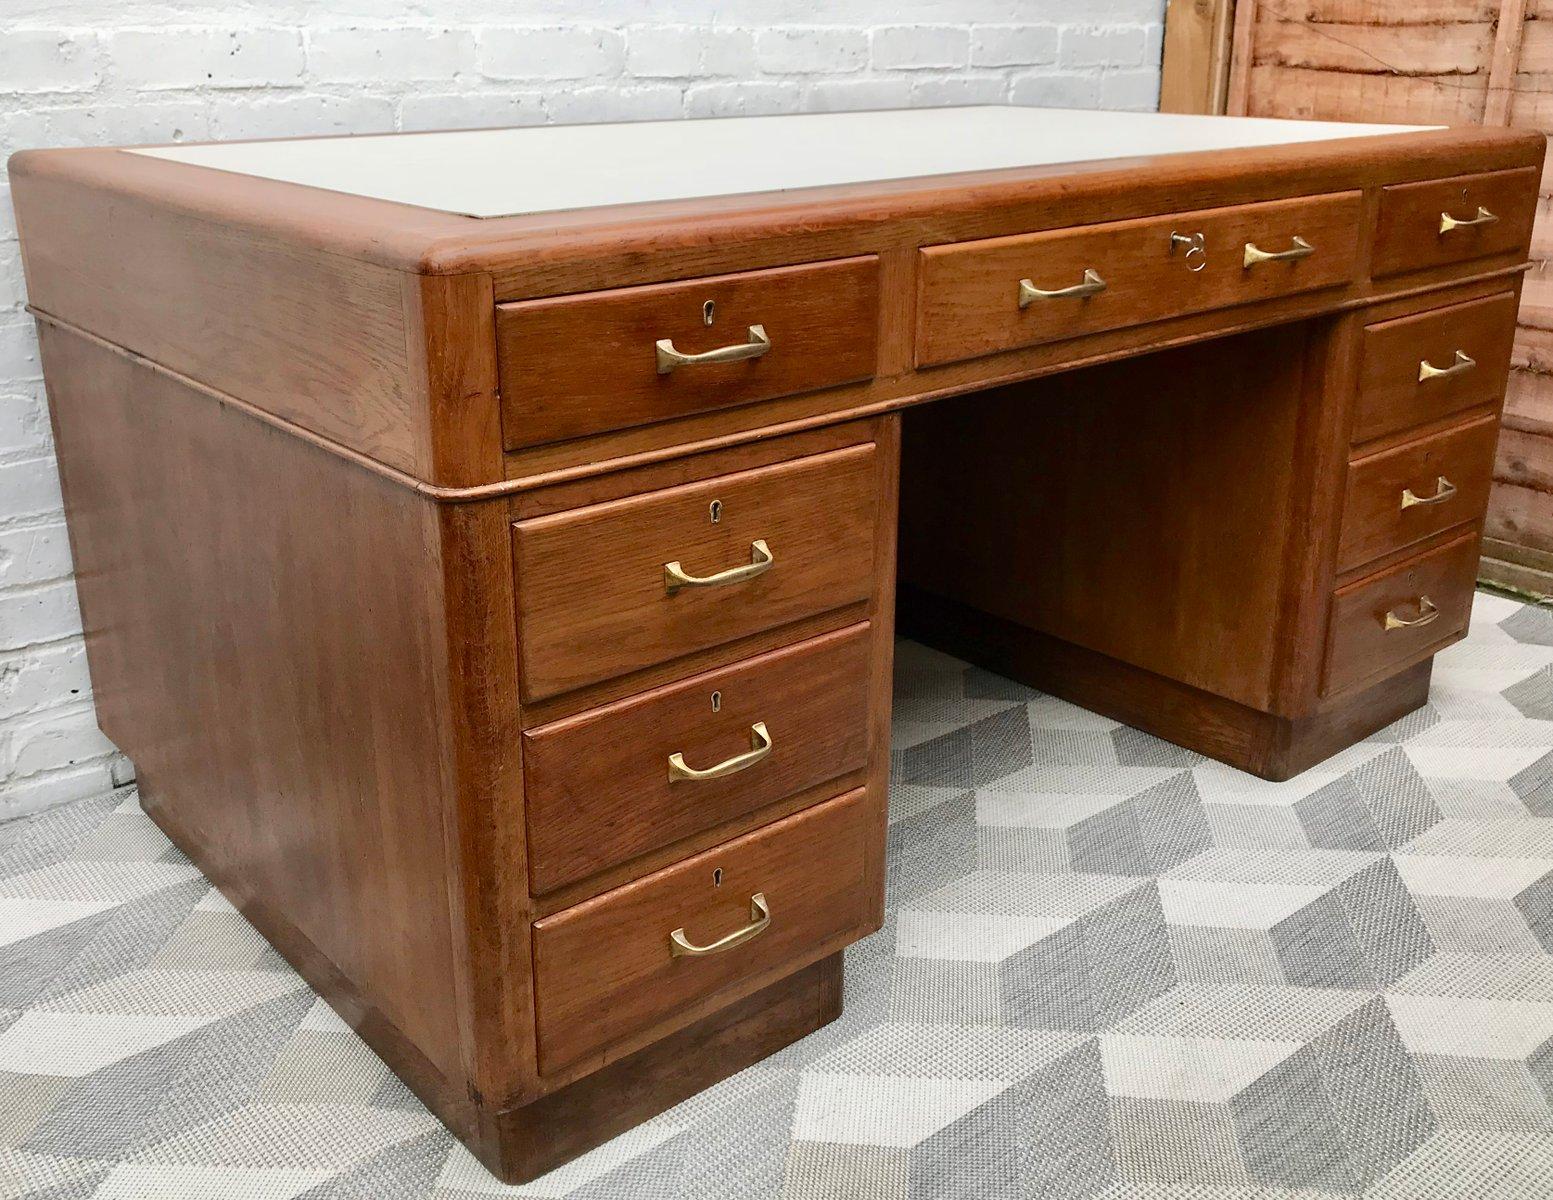 gro er mid century schreibtisch mit schubladen bei pamono kaufen. Black Bedroom Furniture Sets. Home Design Ideas